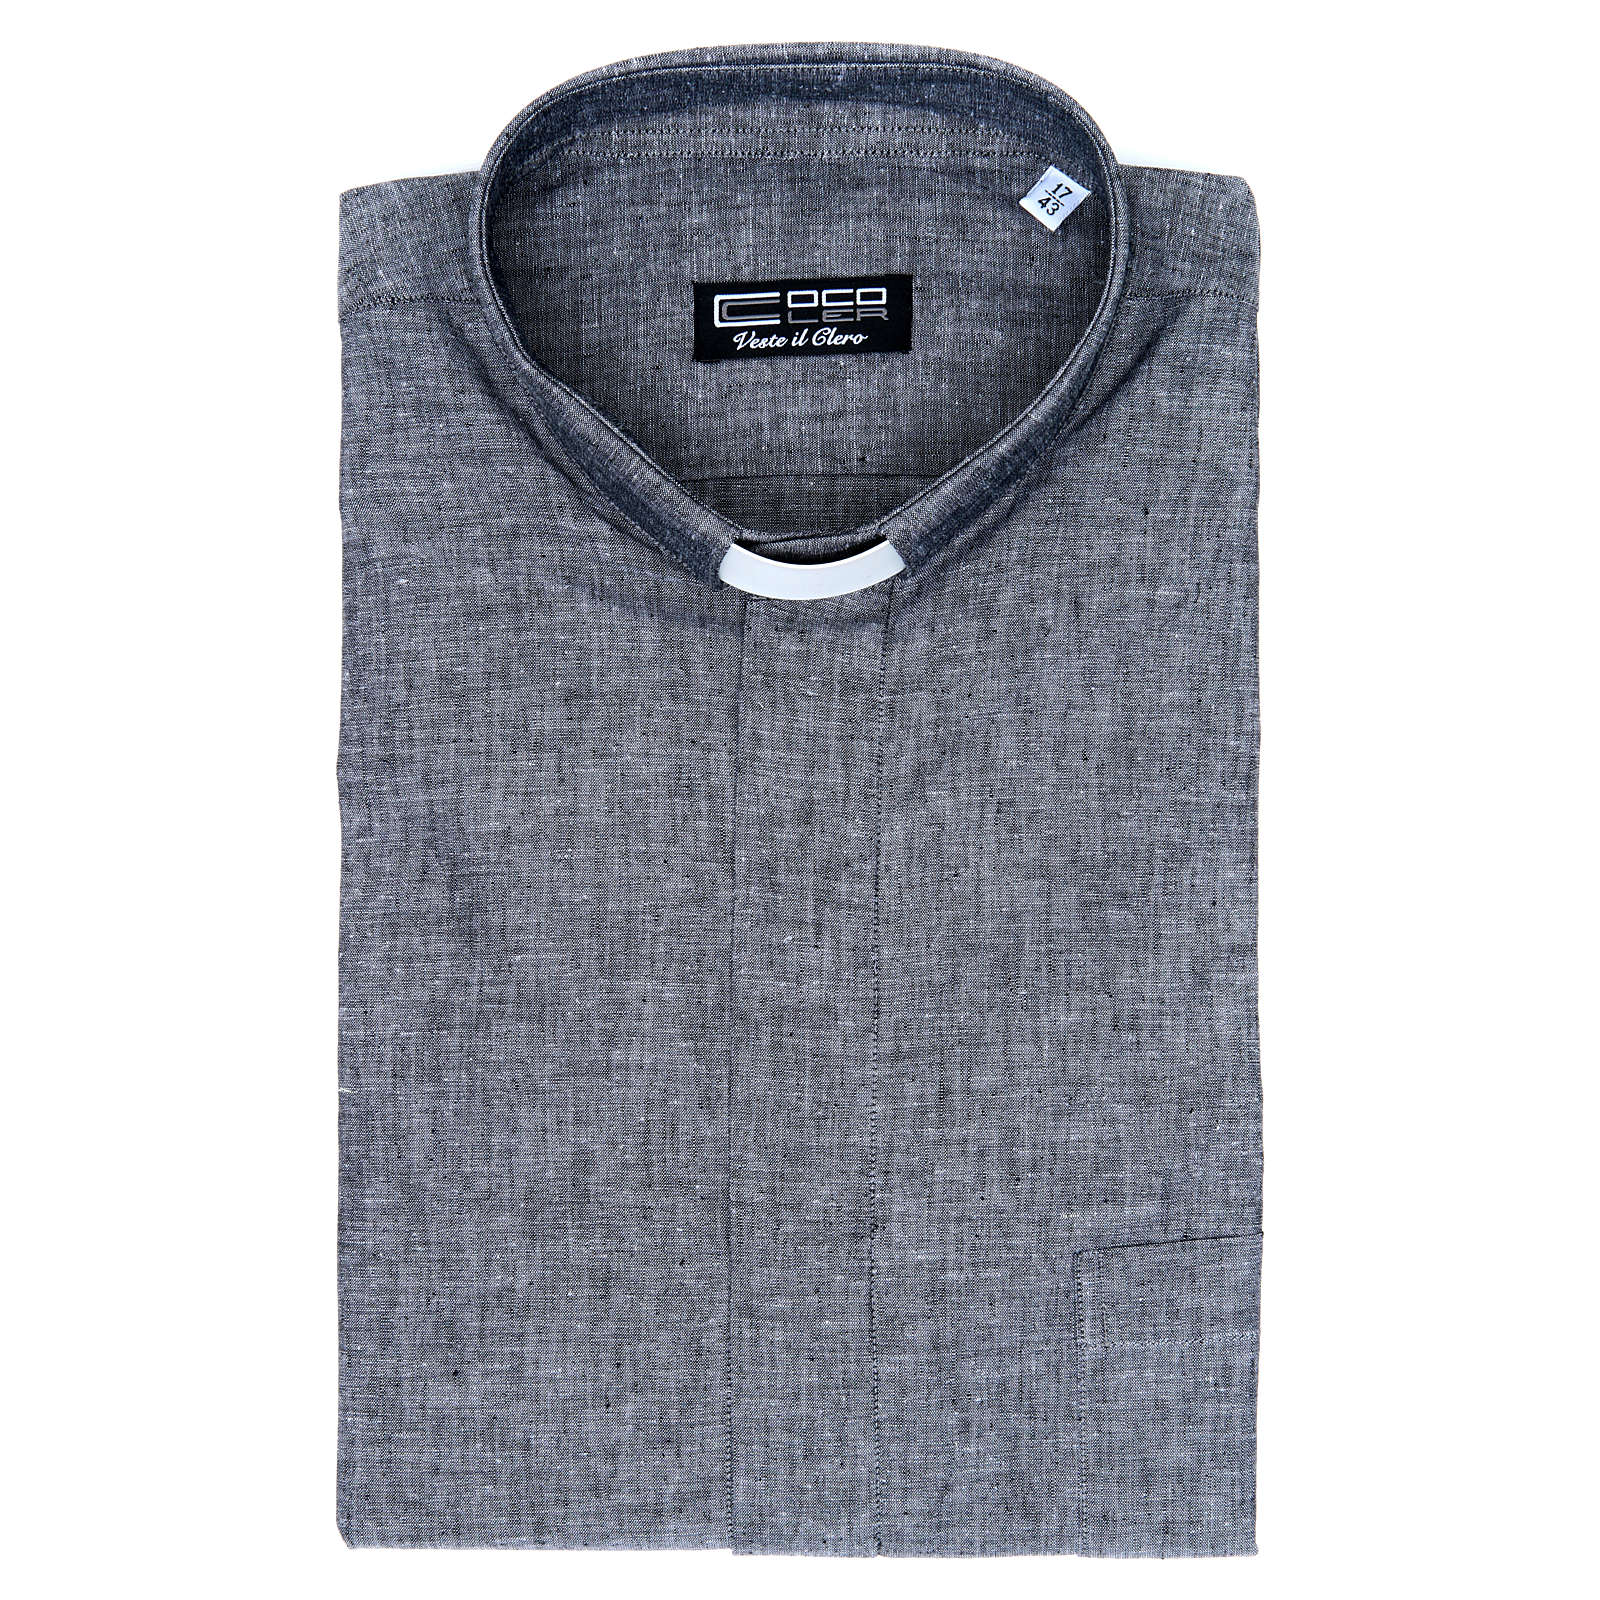 Camisa clergy sacerdotal lino algodón gris manga larga 4